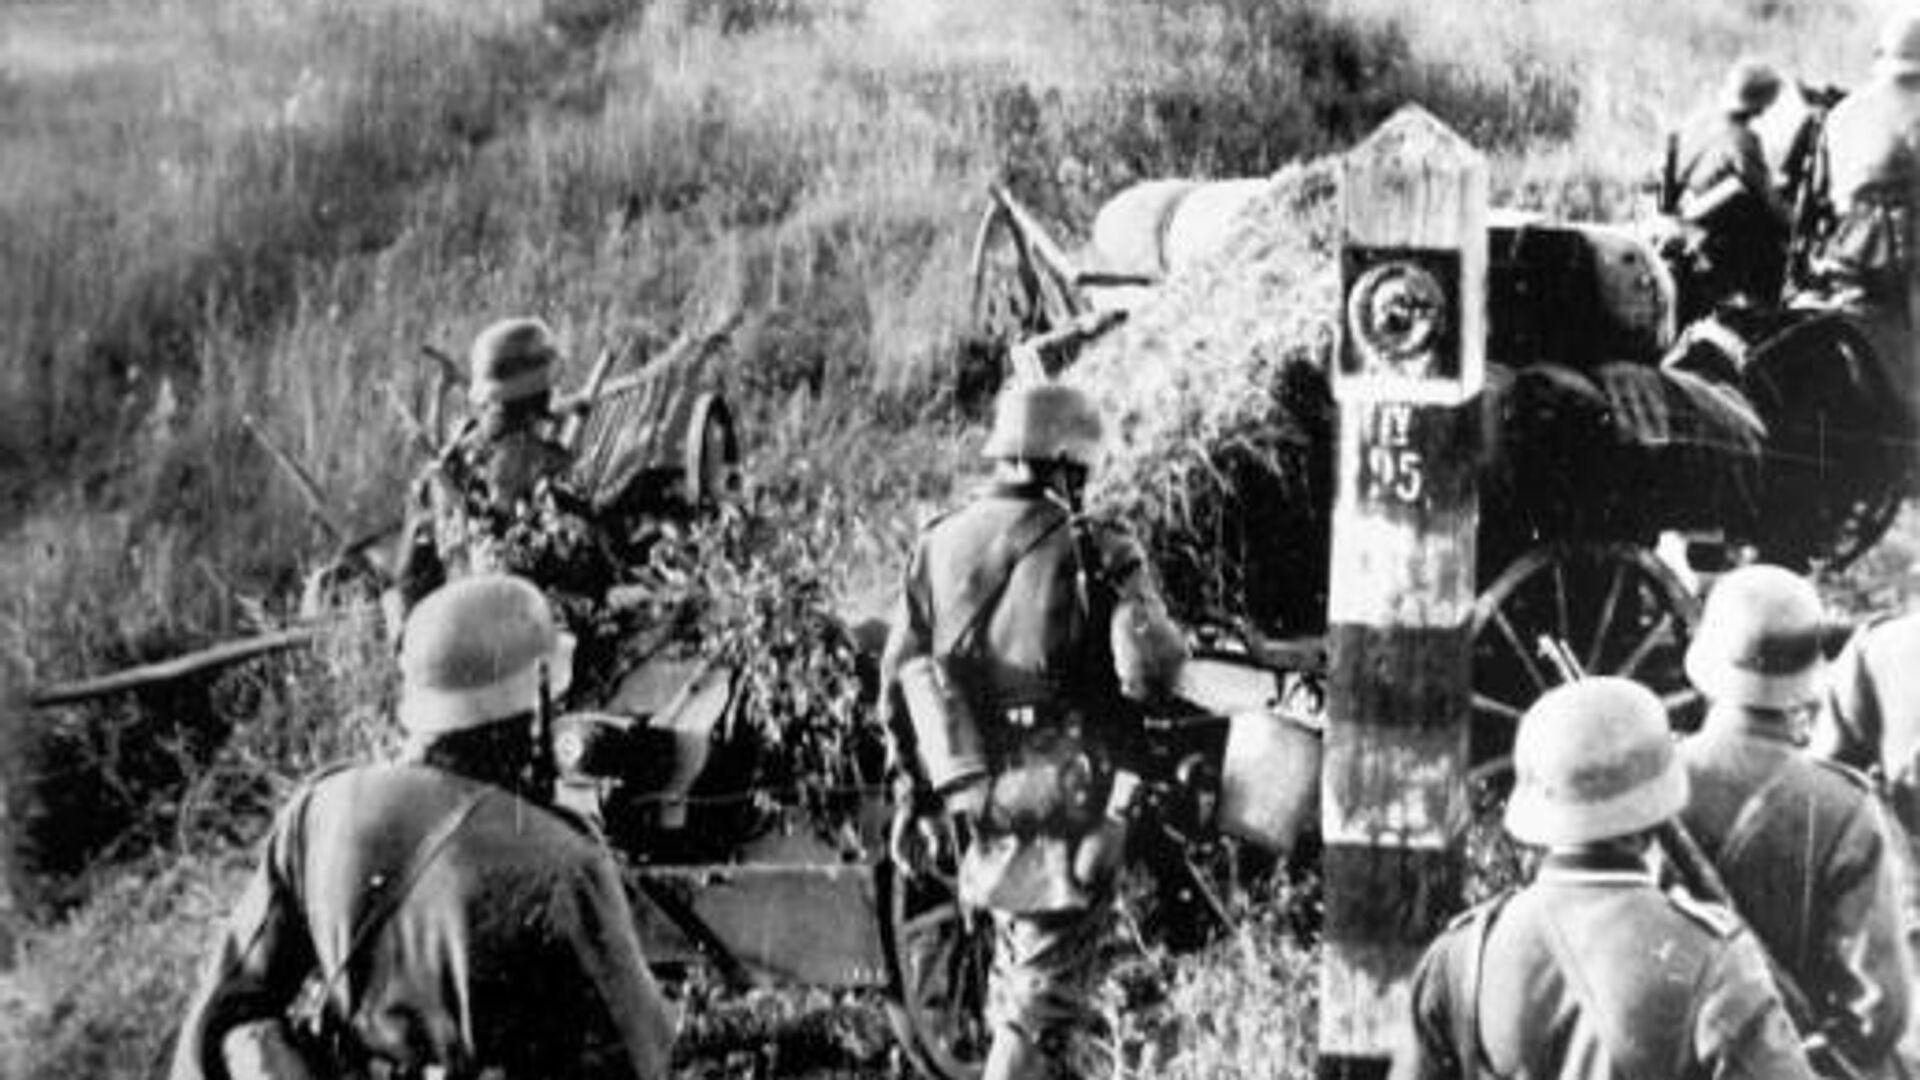 Войска вермахта пересекают границу СССР - РИА Новости, 1920, 21.06.2021